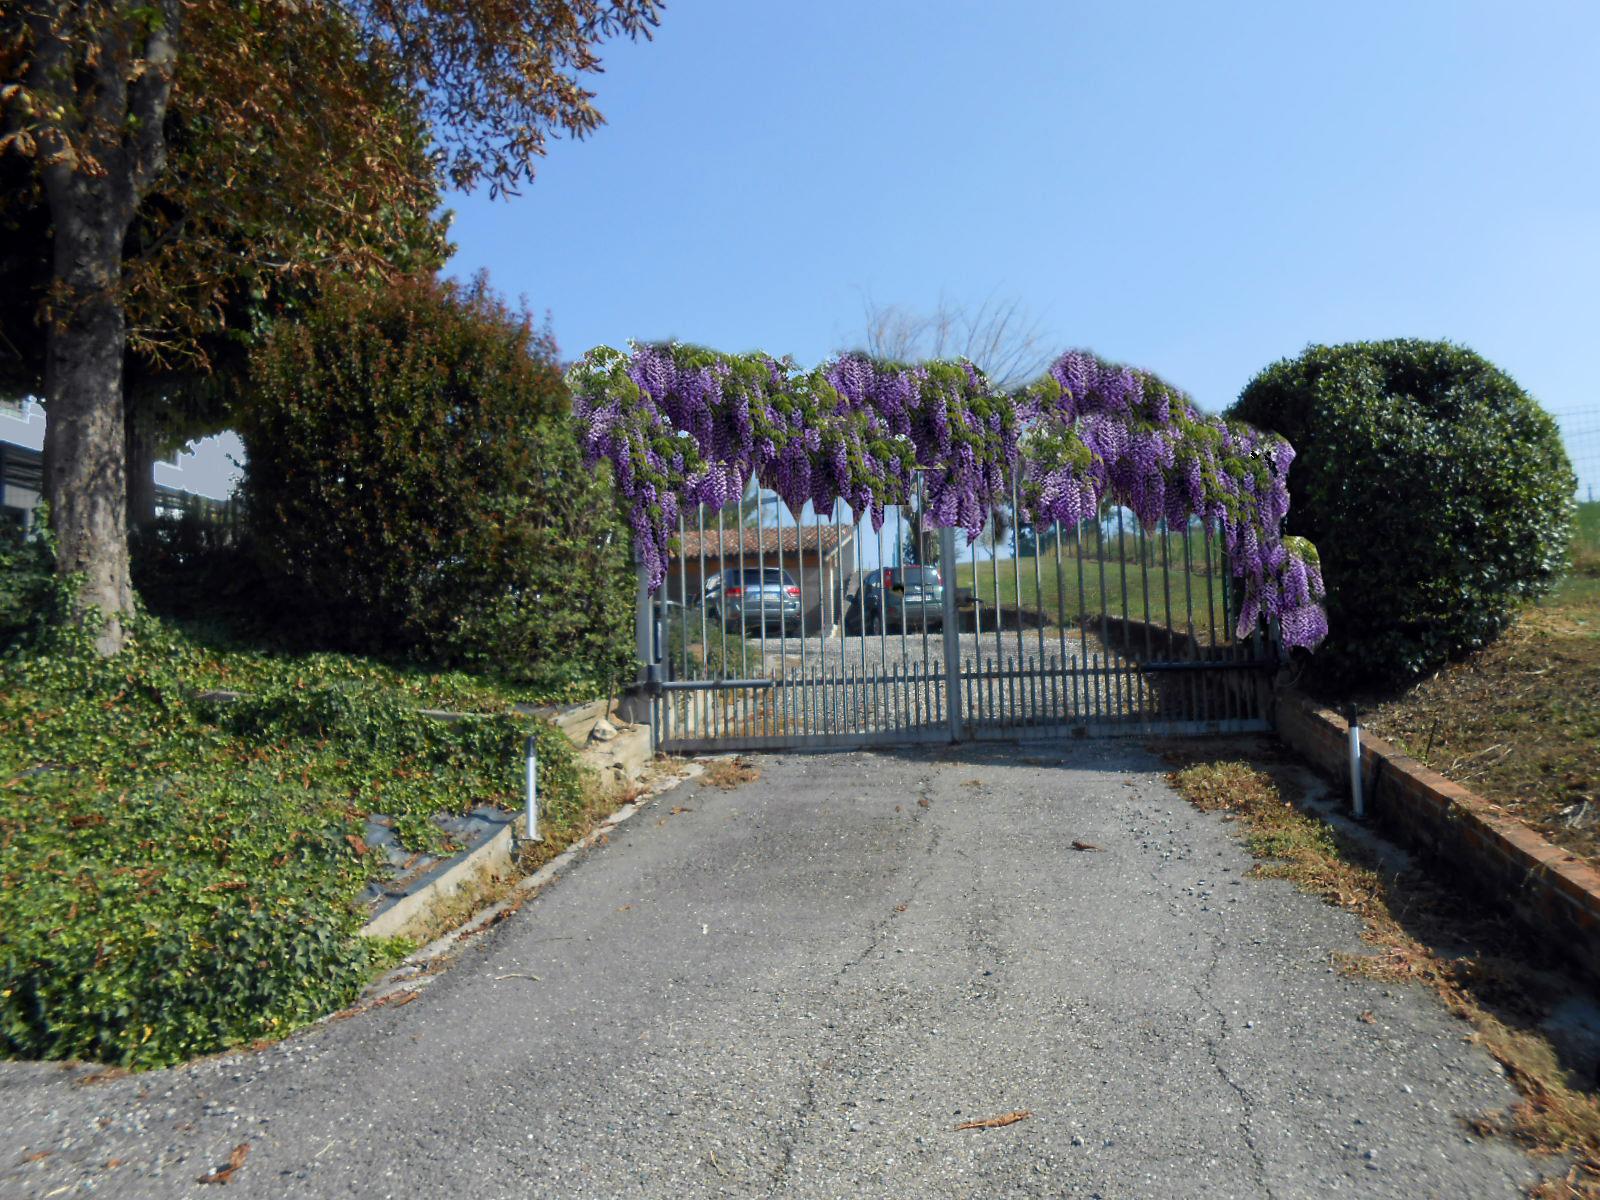 giardino privato progettazione spazi verdi energycare